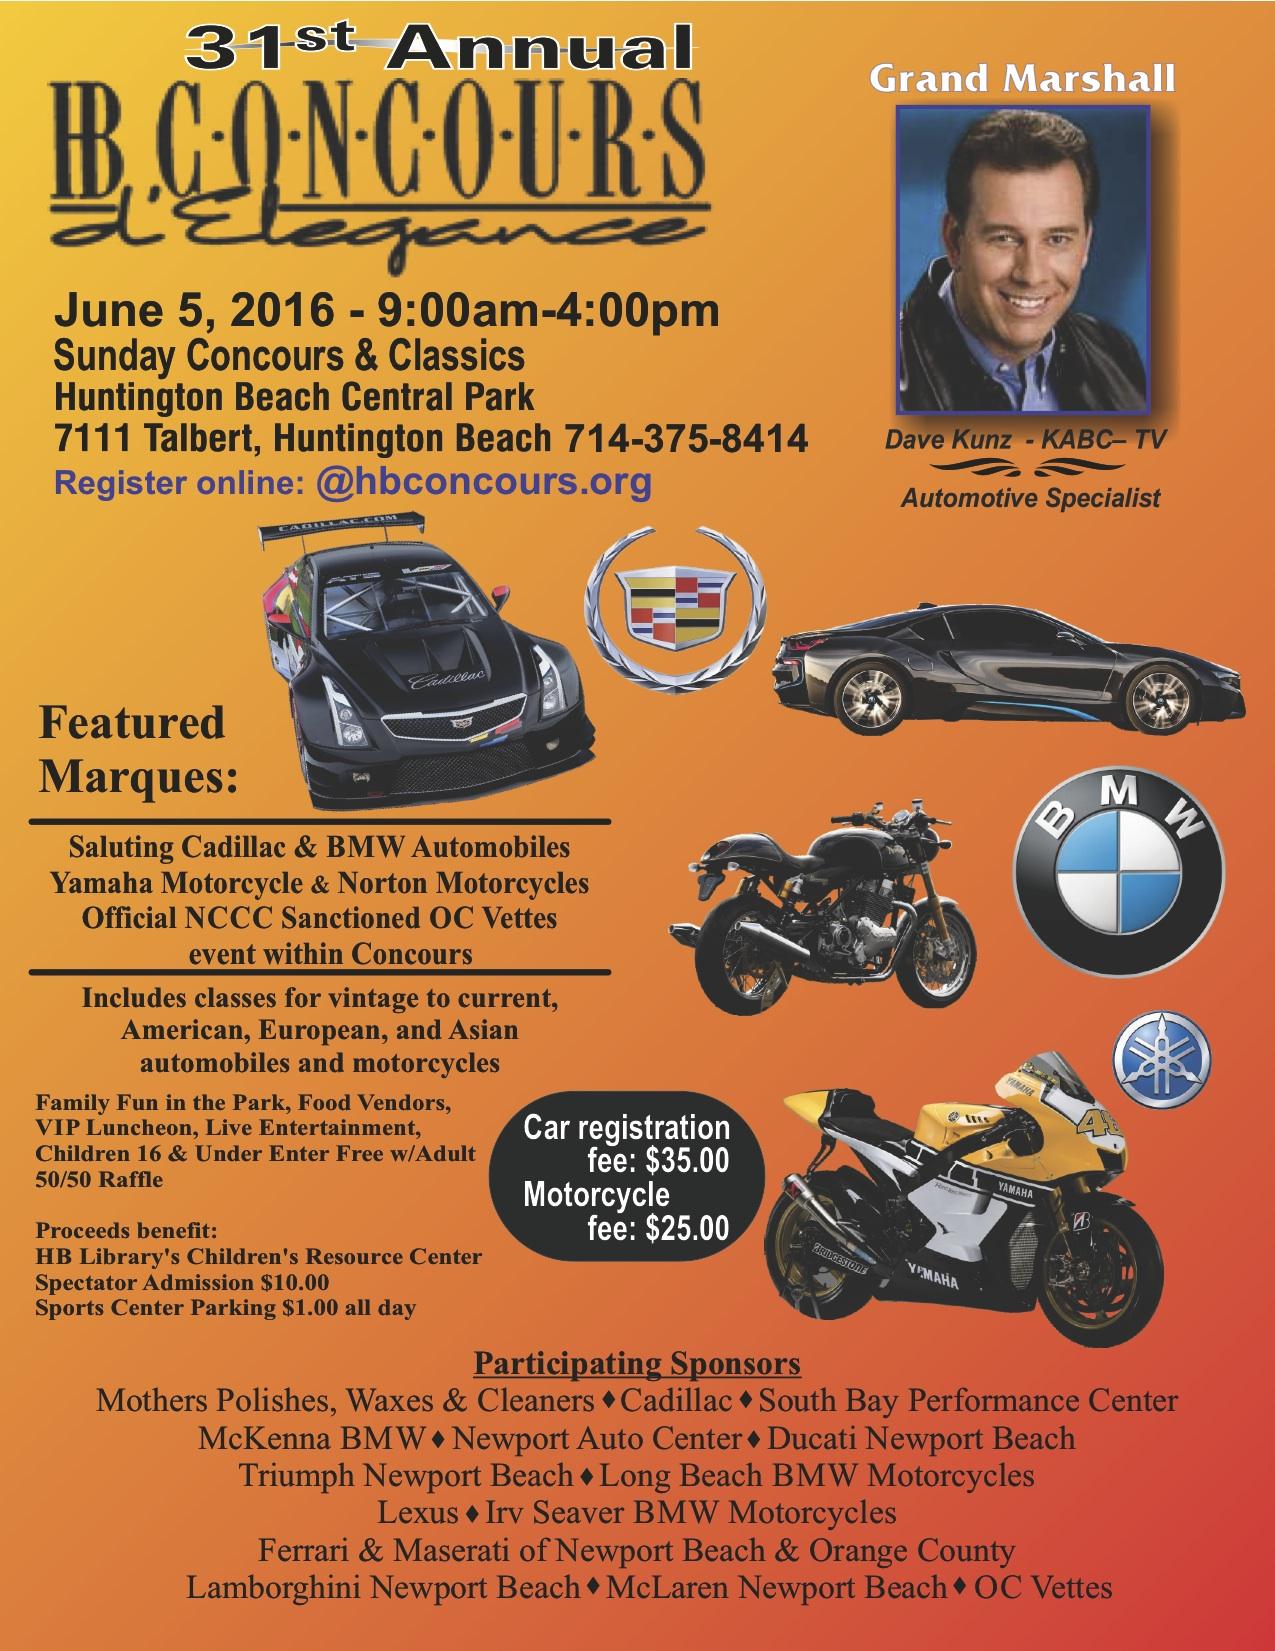 Huntington Beach Concours d'Elegance | Sunday Classic Cars